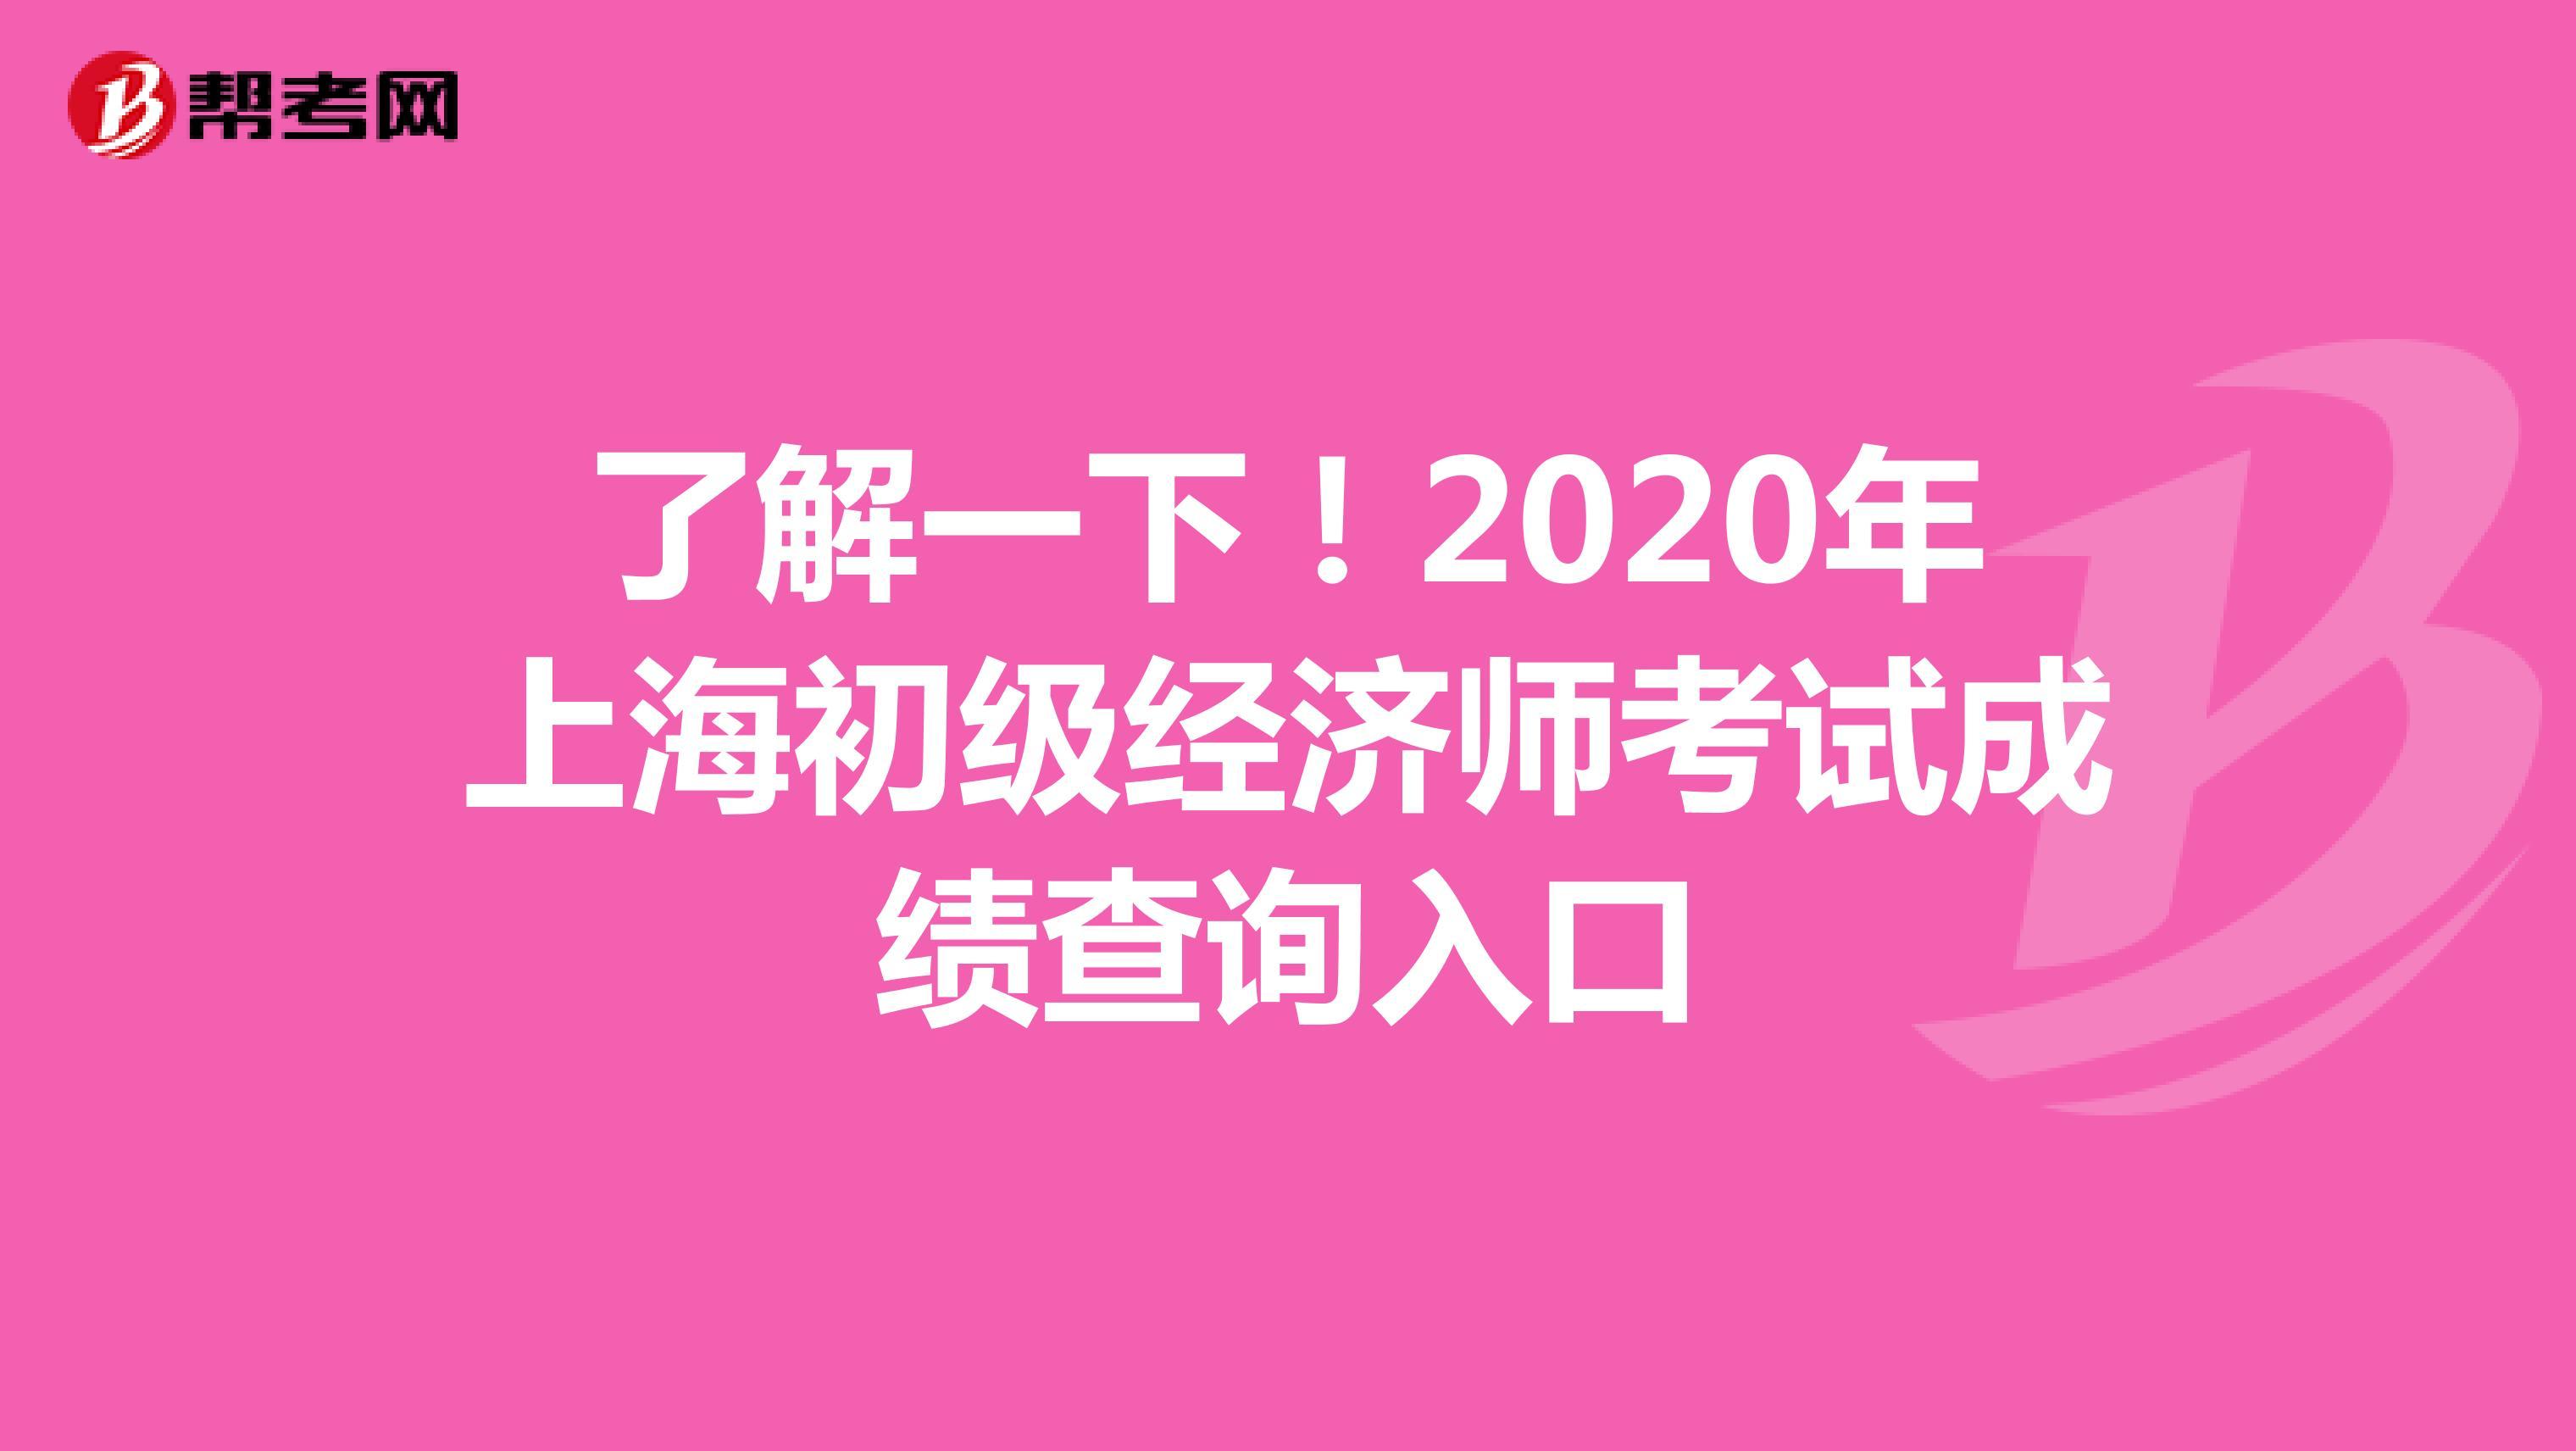 了解一下!2020年上海初级经济师考试成绩查询入口